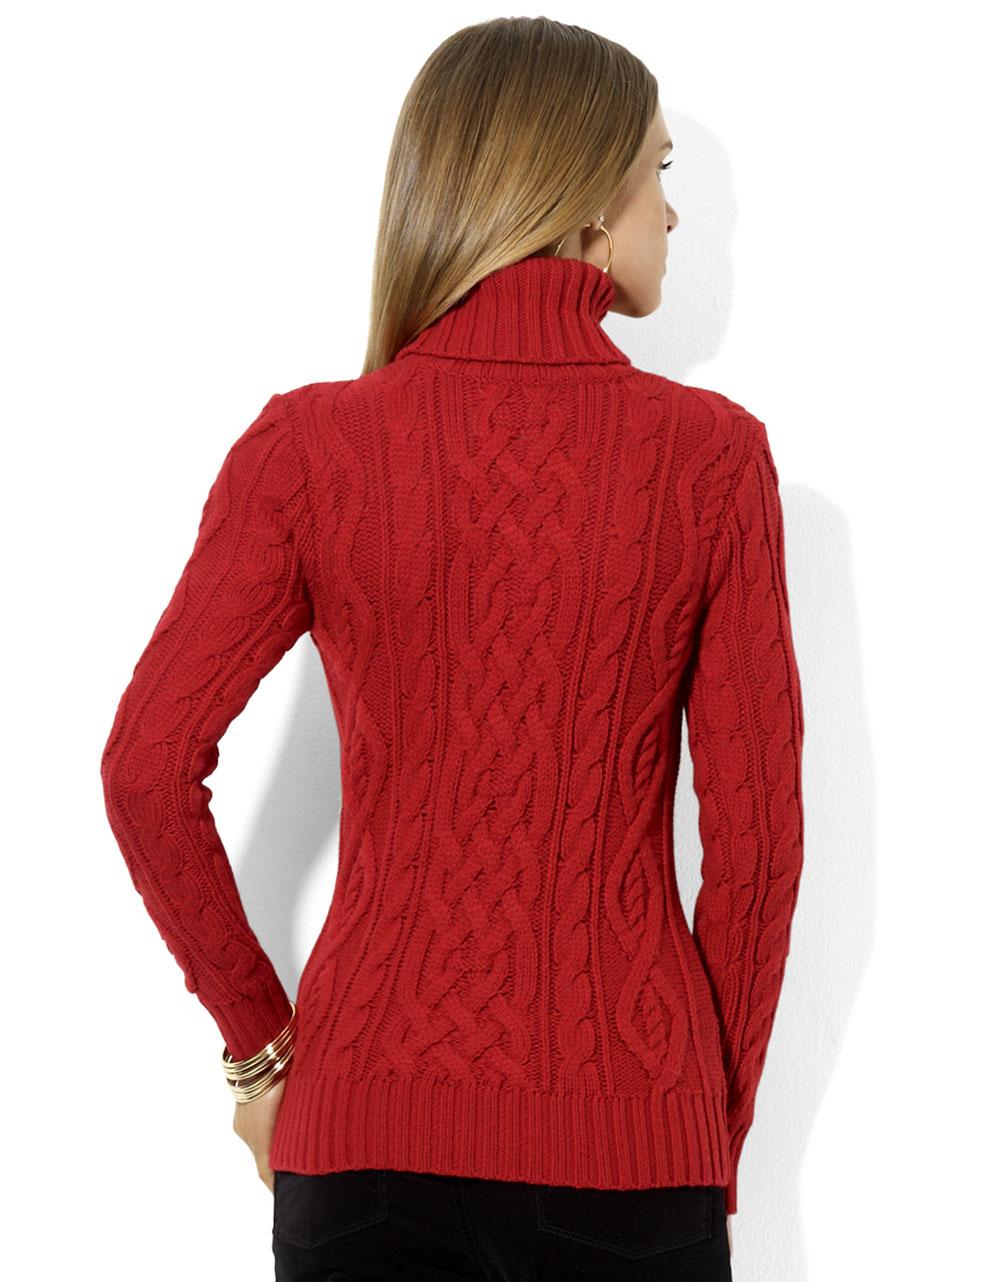 Lauren by ralph lauren Petites Cableknit Turtleneck Sweater in Red ...